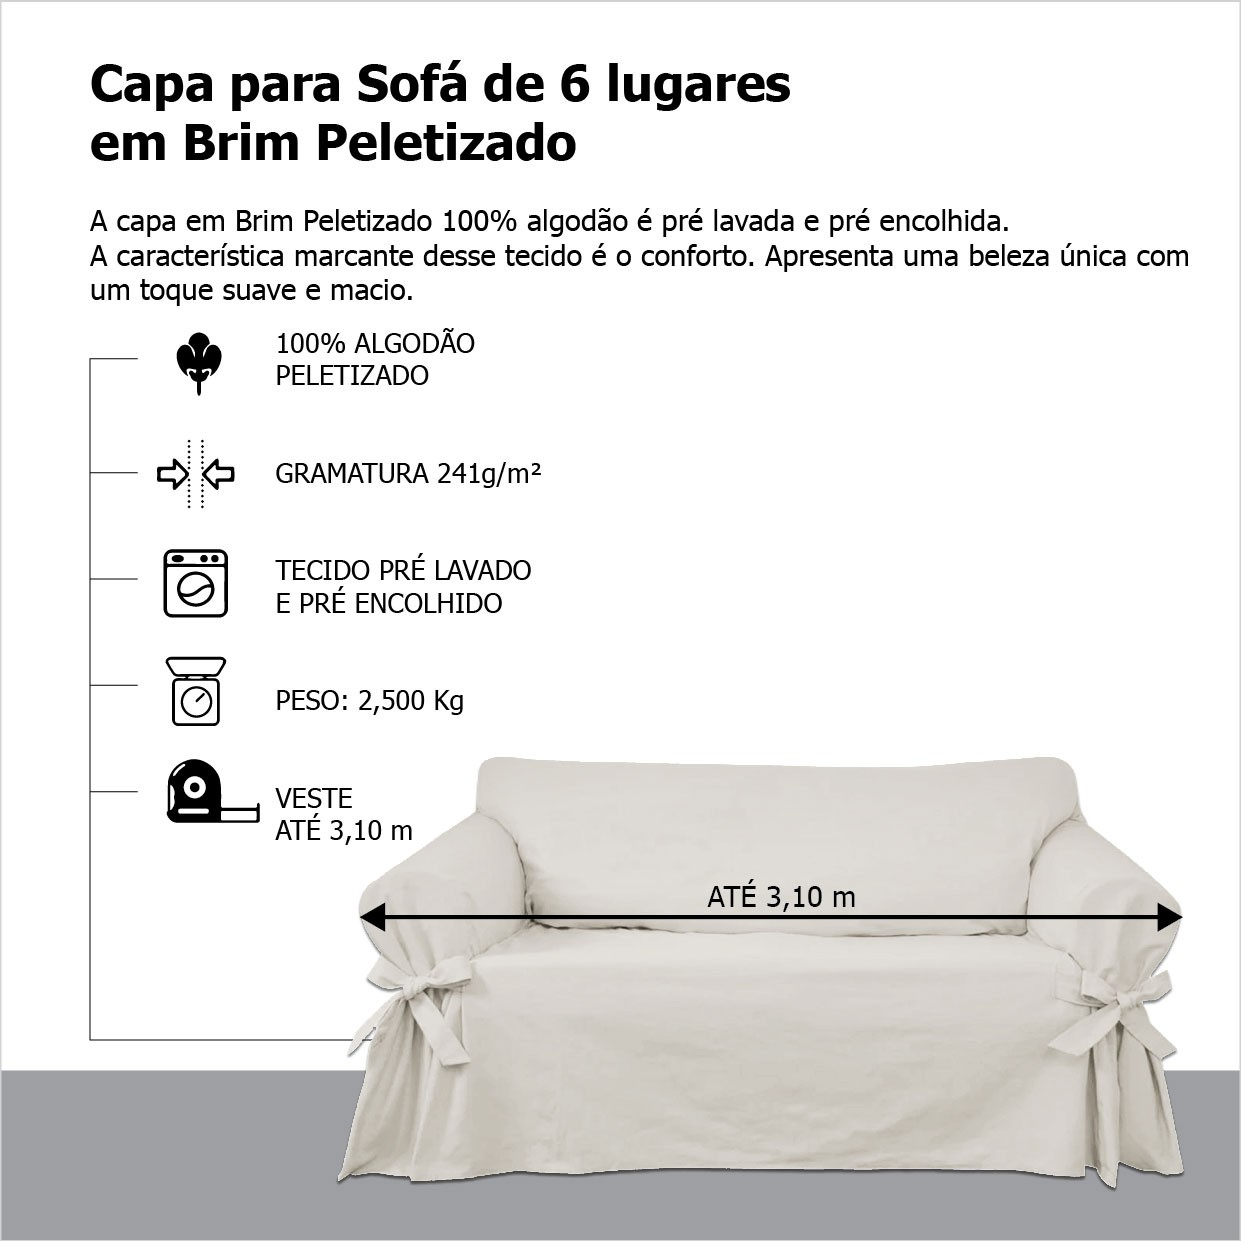 Capa p/ Sofá de 6 Lug CRUA em Brim